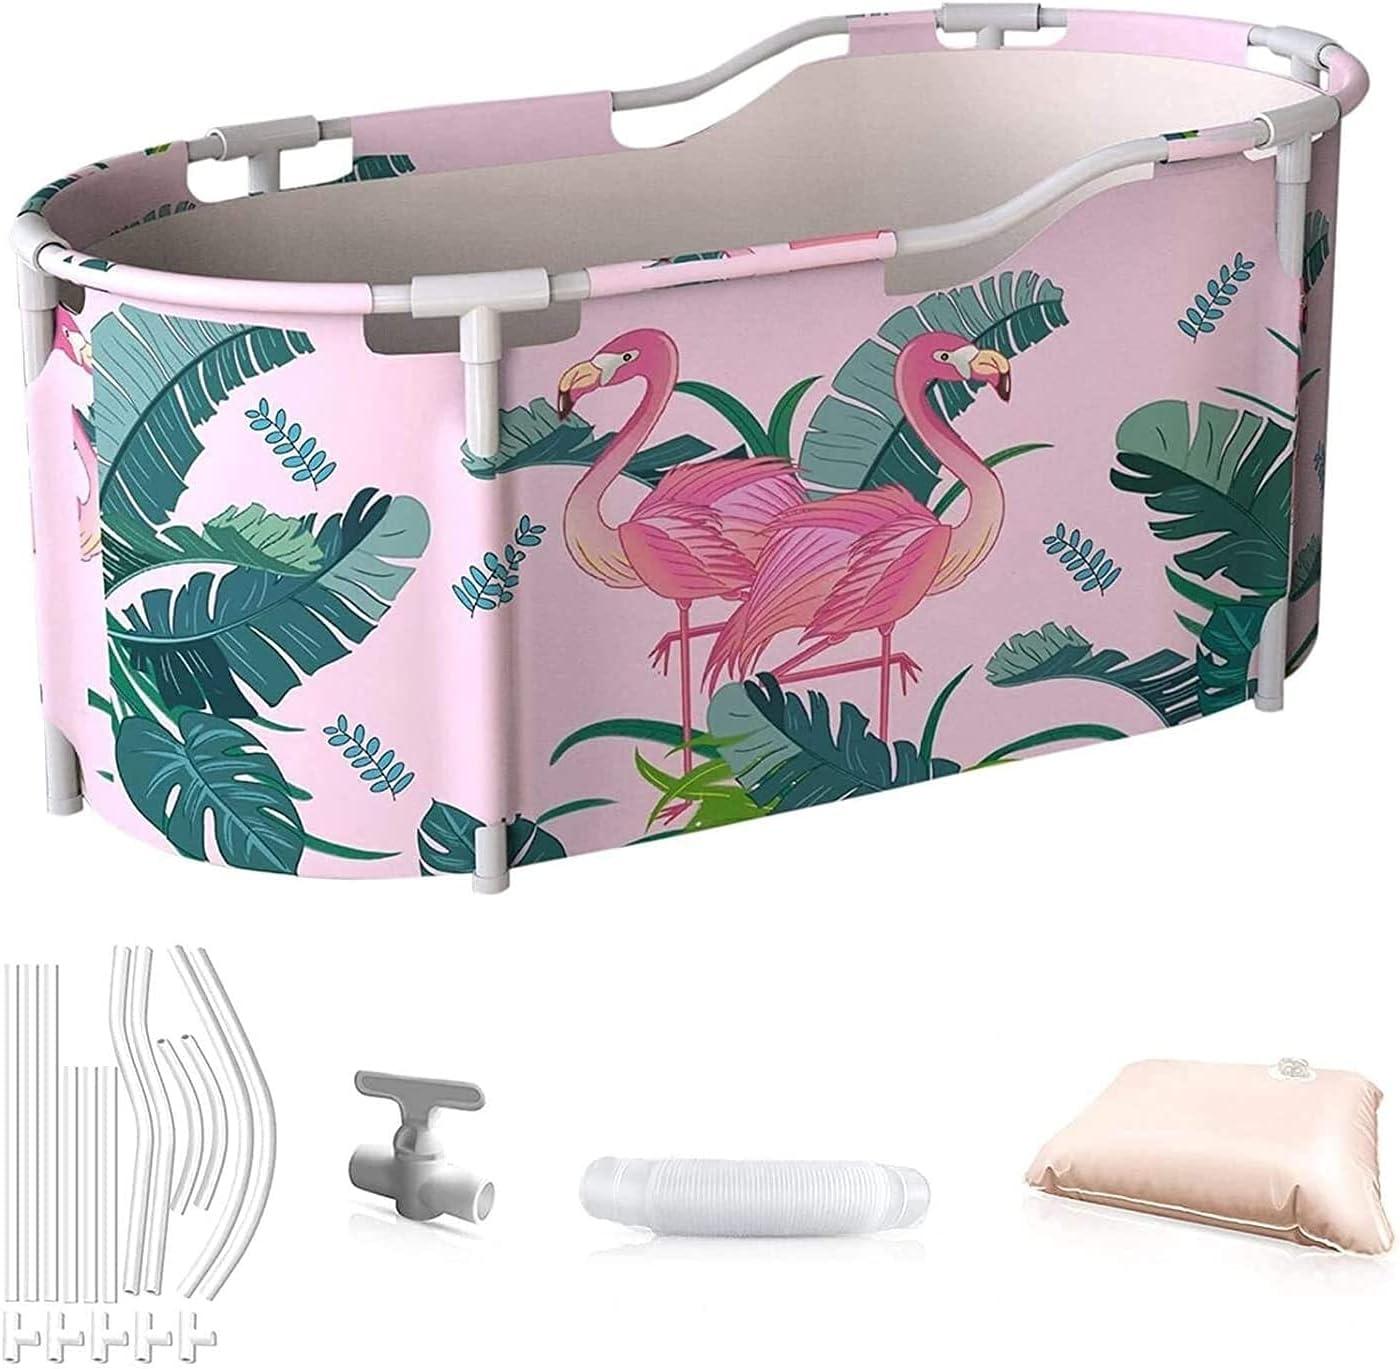 Hewen Now free shipping Folding Bathtub Indoor low-pricing Bath Fol Adult Tub